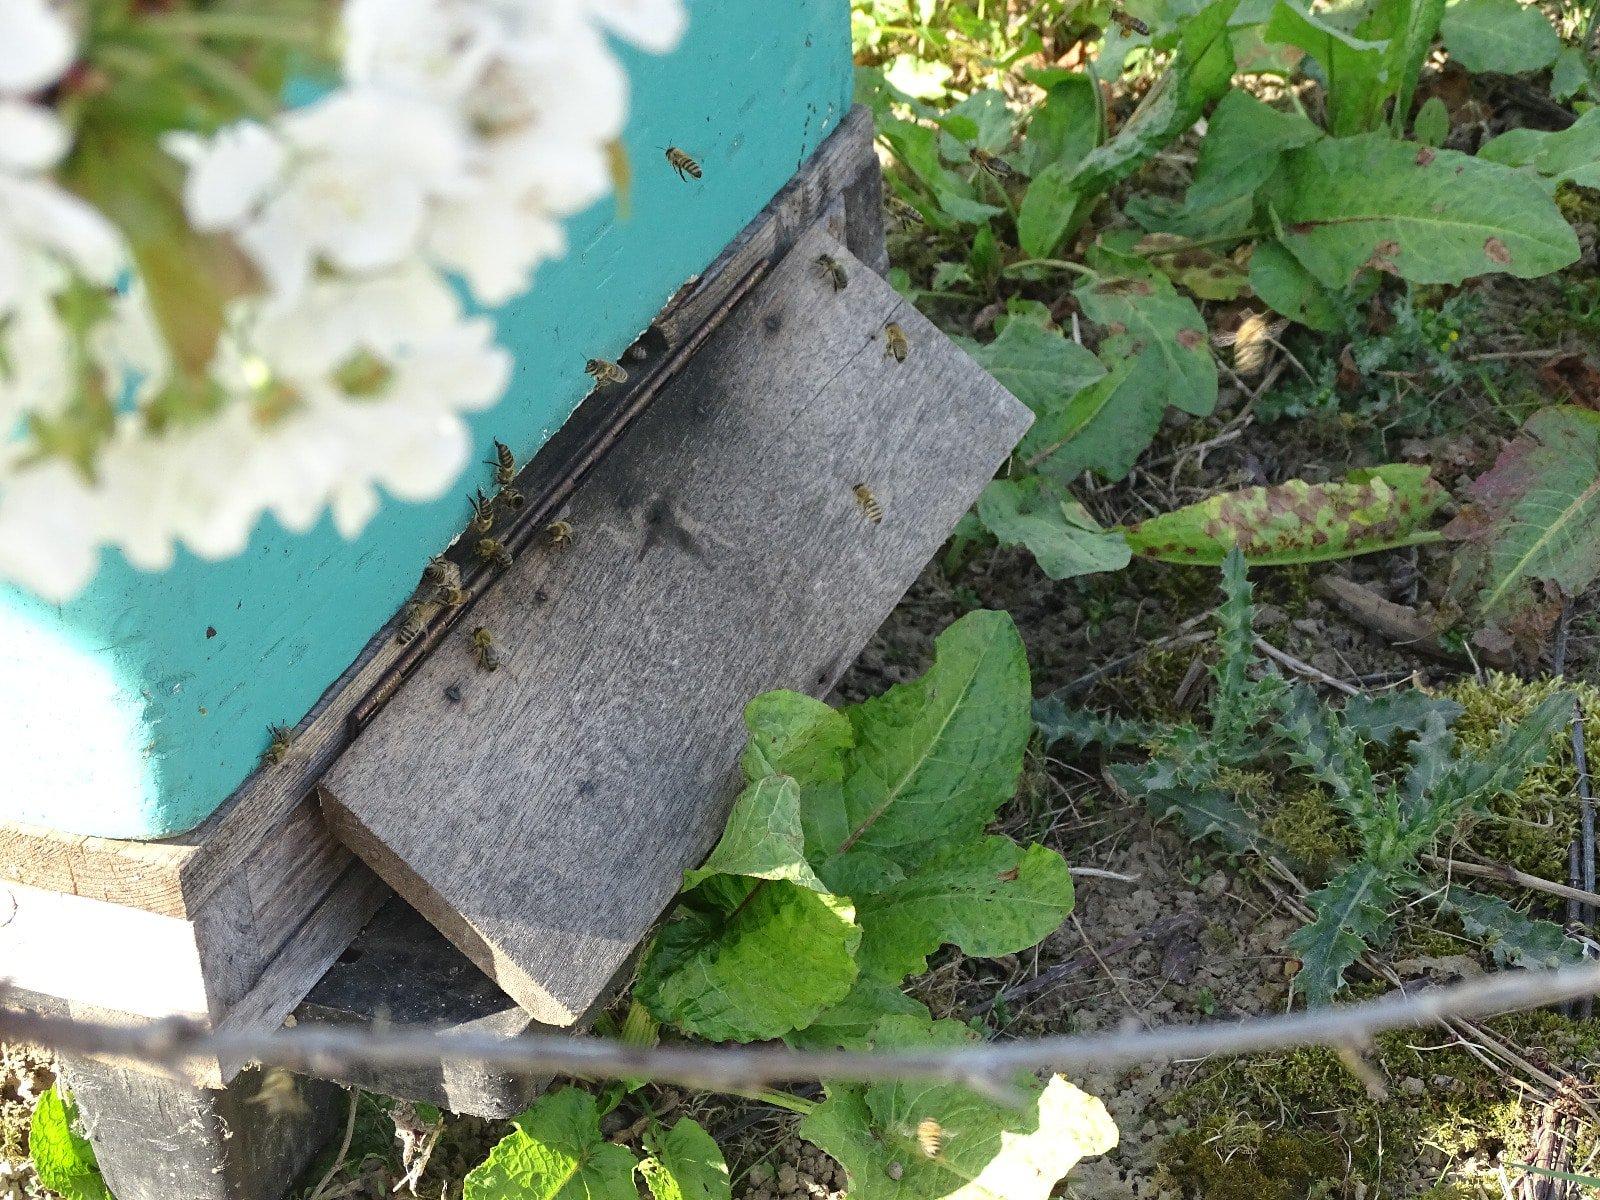 Aanvliegende bijen